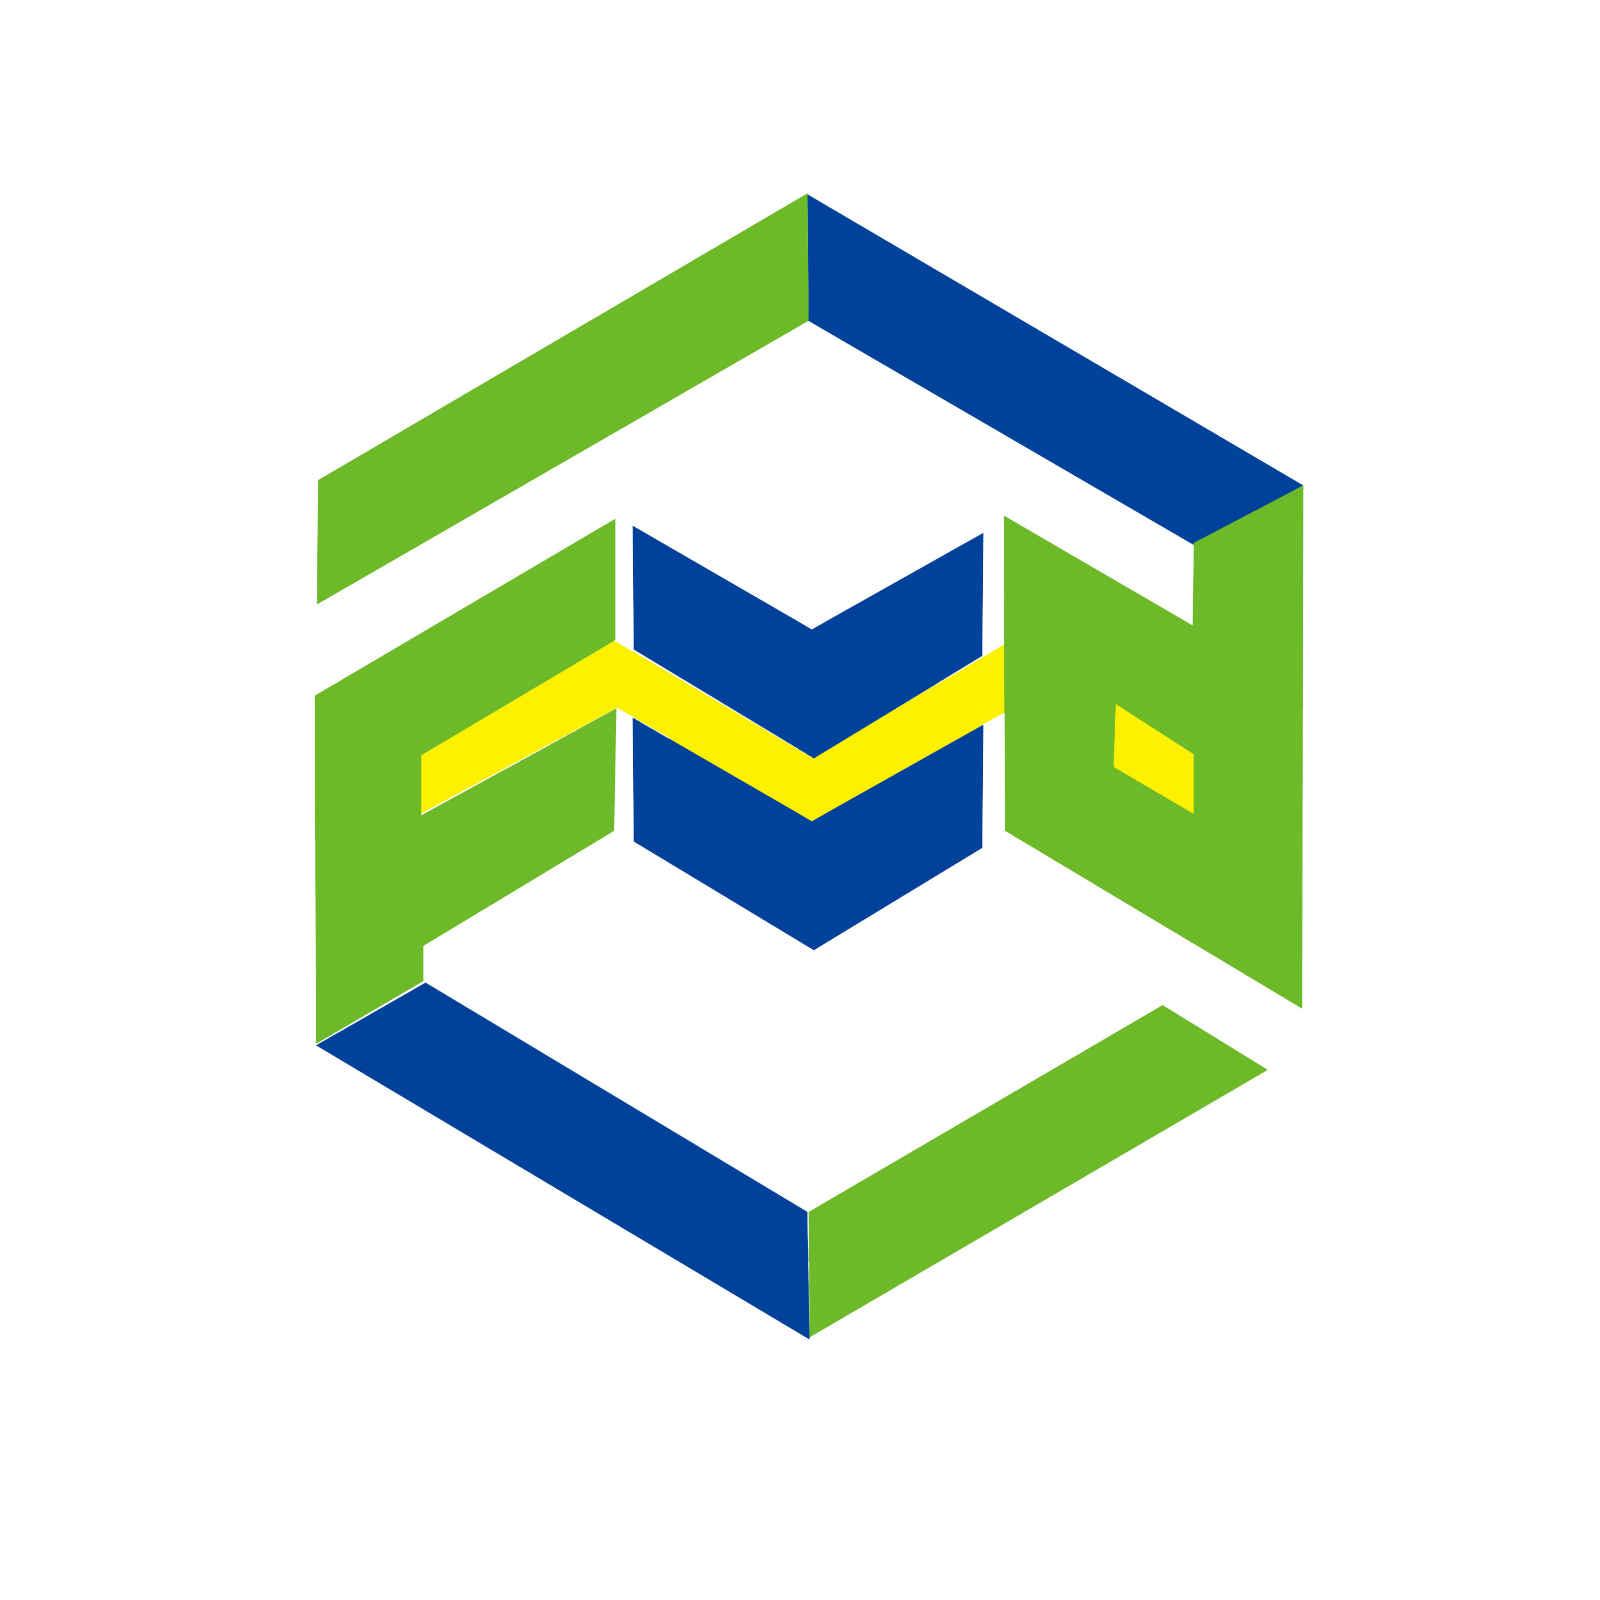 寧波致微新材料科技有限公司